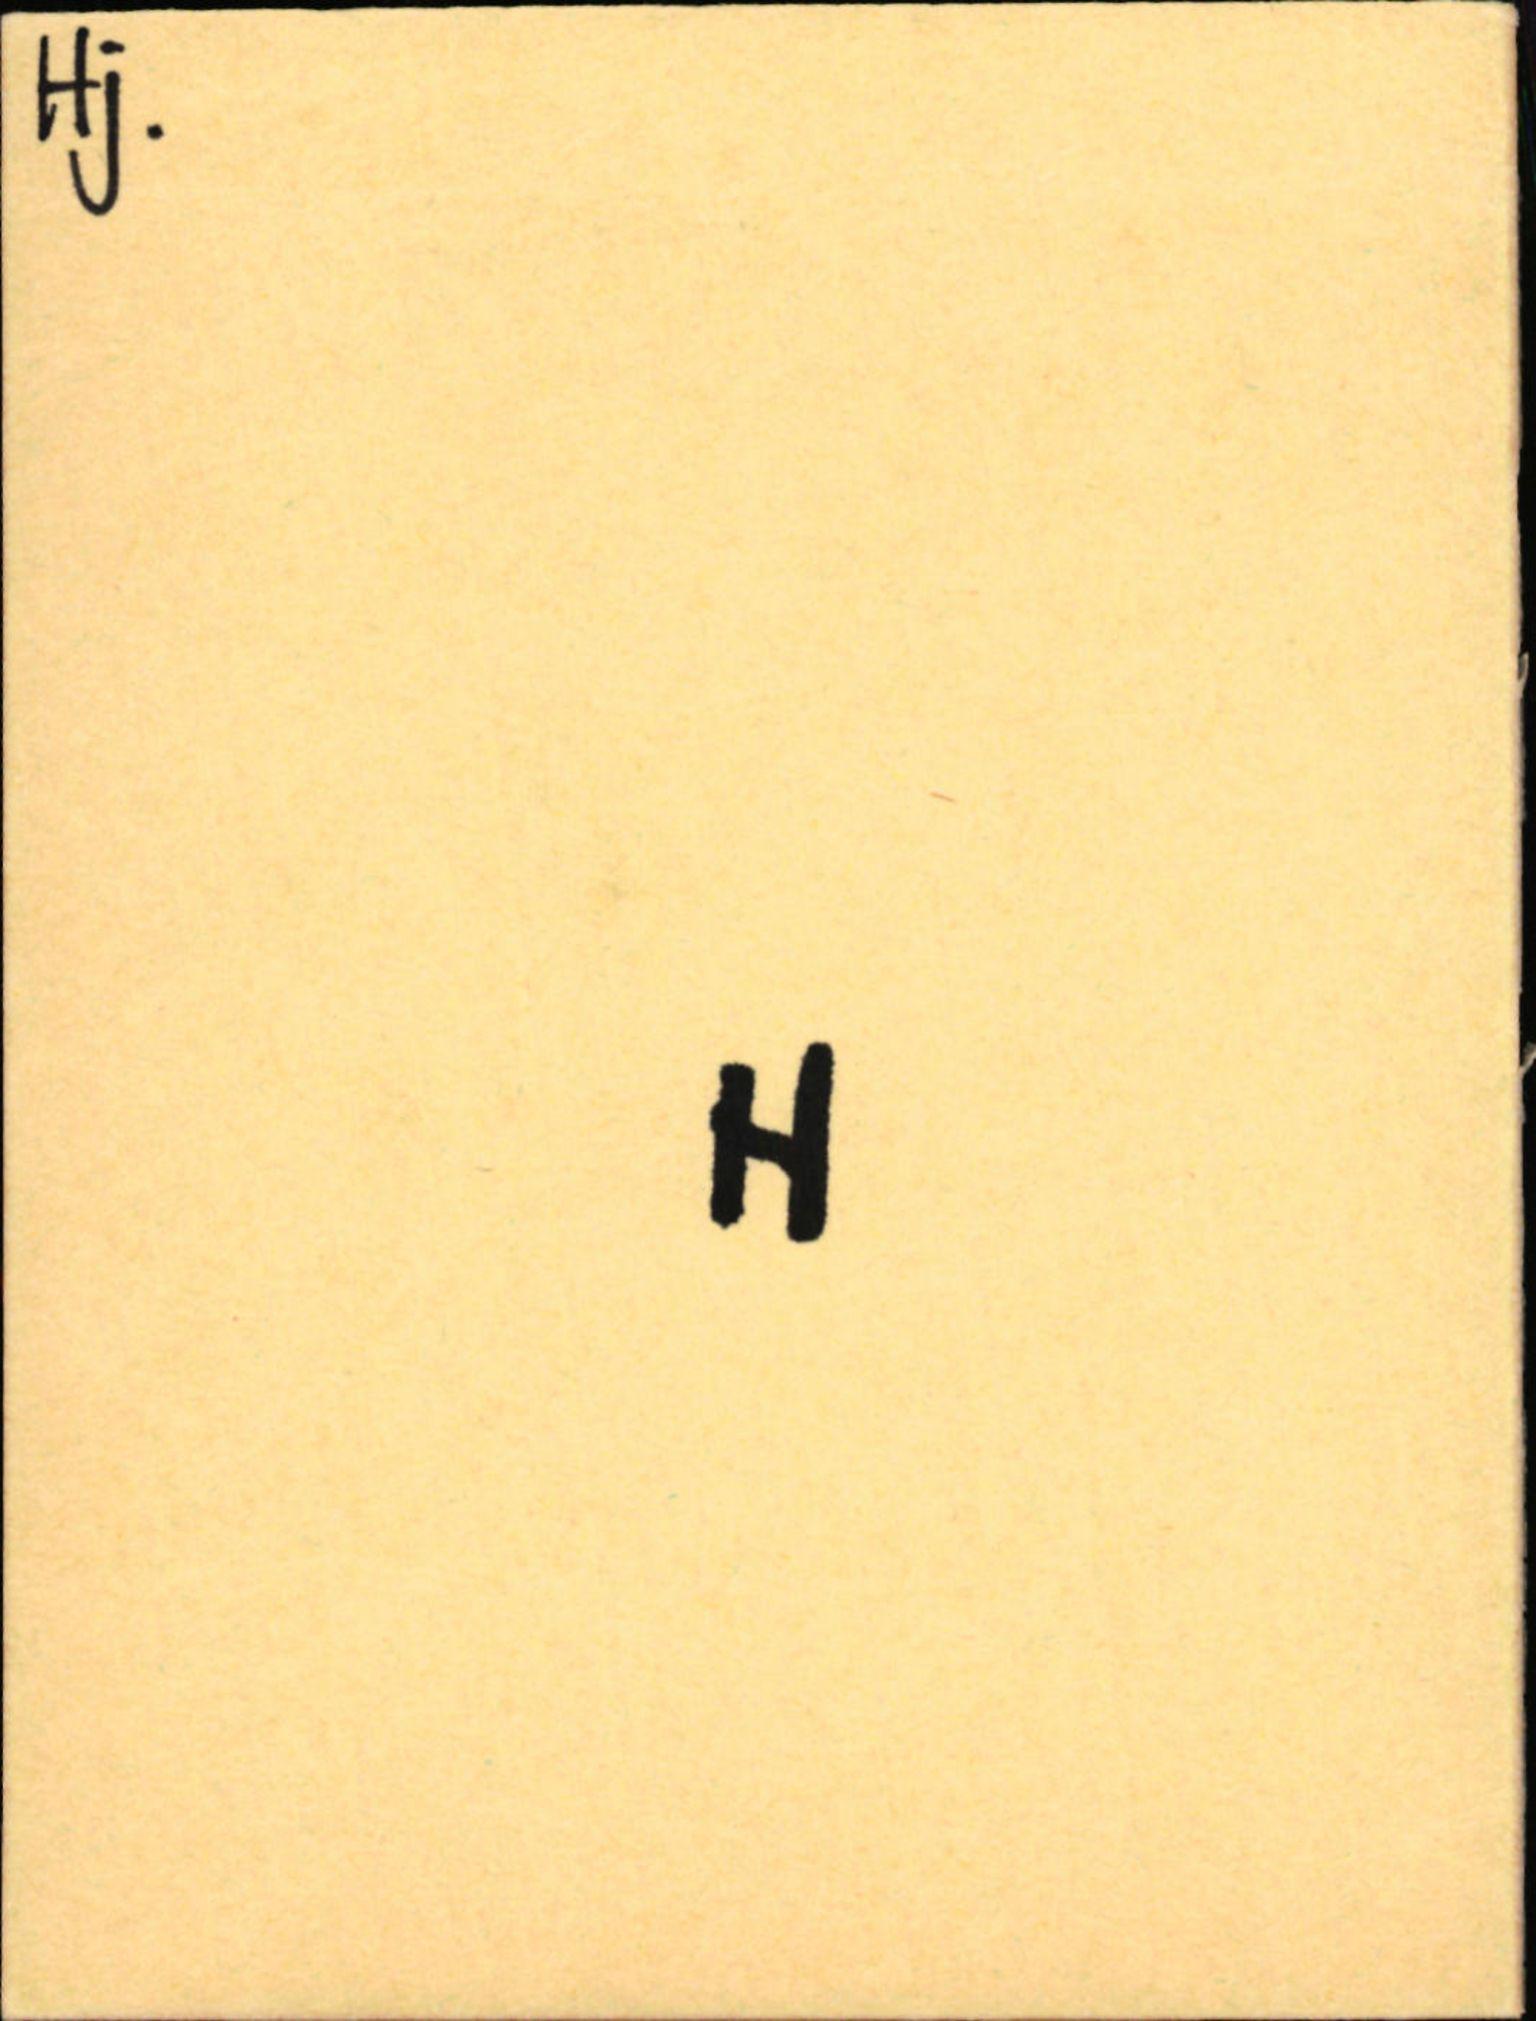 SAB, Statens vegvesen, Hordaland vegkontor, Ha/L0023: R-eierkort H, 1920-1971, s. 1